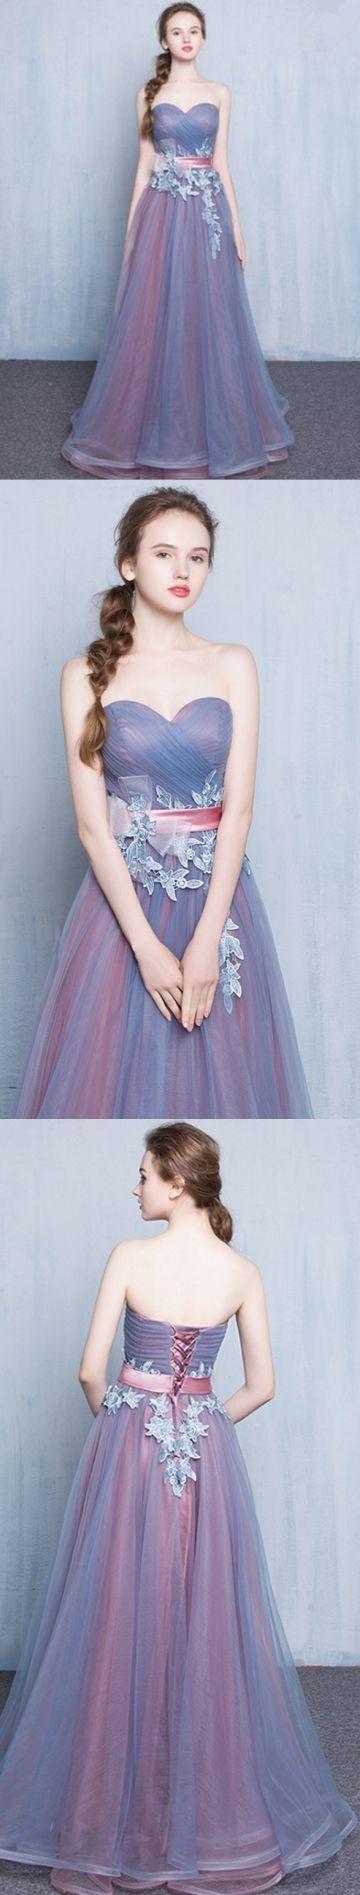 wholesale dealer 68ee7 d2327 festliche kleider,abiballkleider,schöne kleider,elegante ...